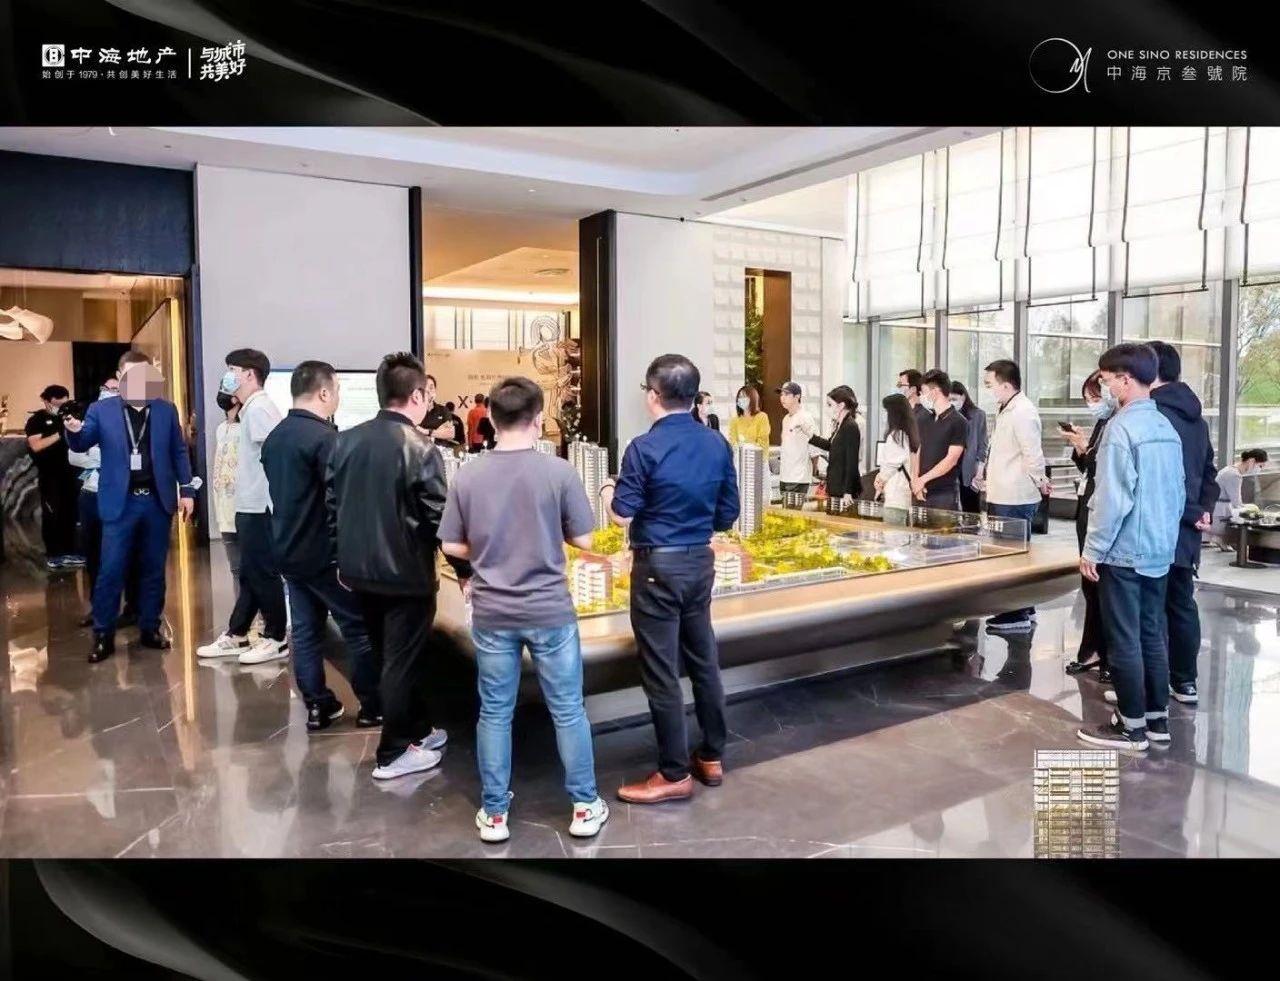 中海京叁號院 | 藏峰体验馆启幕 生活之上 品味摩登_中国网地产